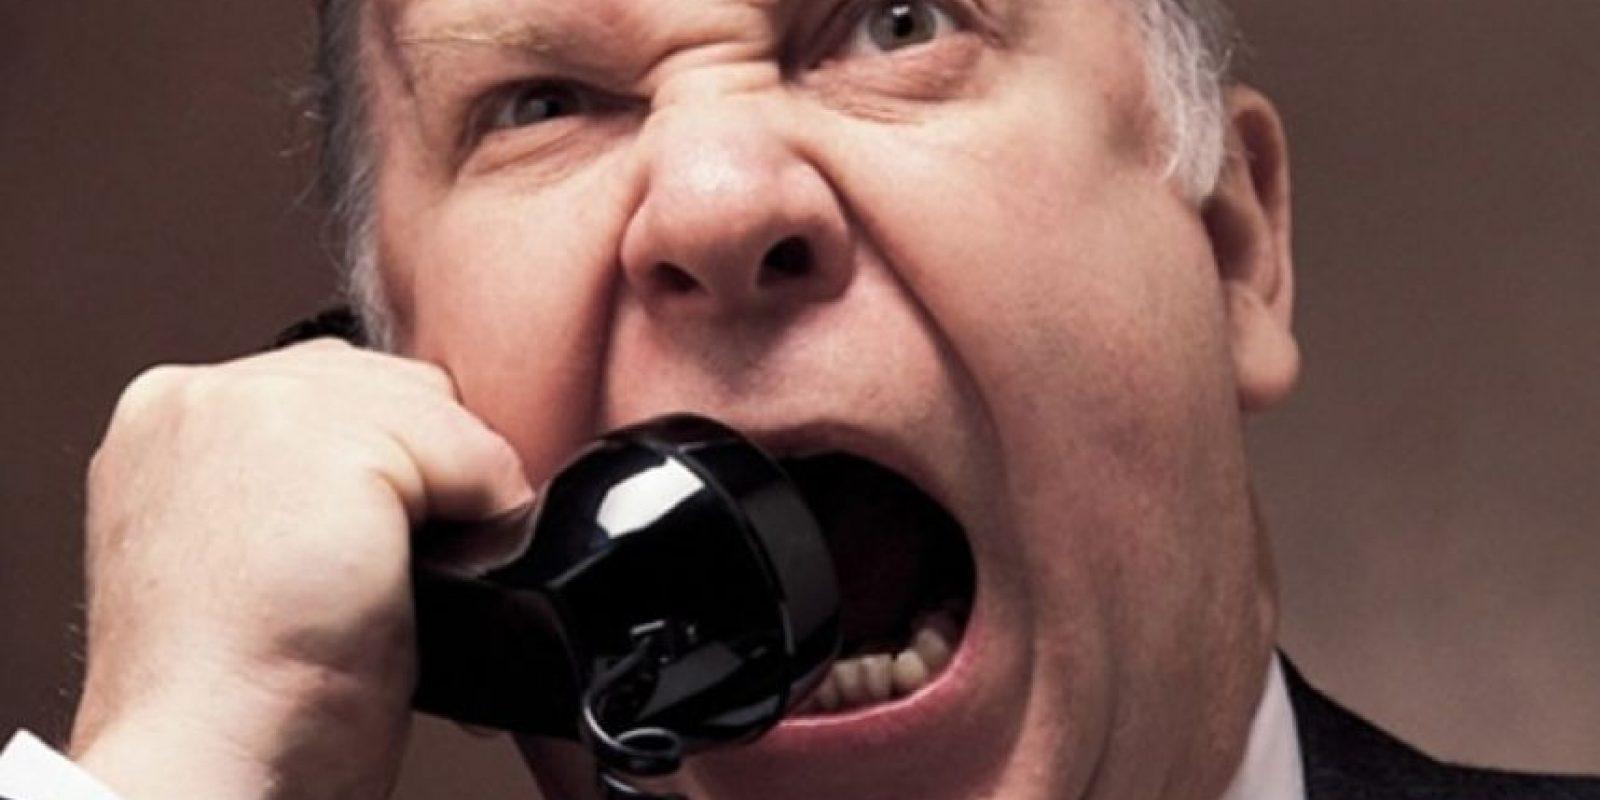 Las personas con mal humor crónico corren más riesgo de desarrollar la diabetes y tener migrañas frecuentes. Foto:Tumblr.com/Tagged-molesto